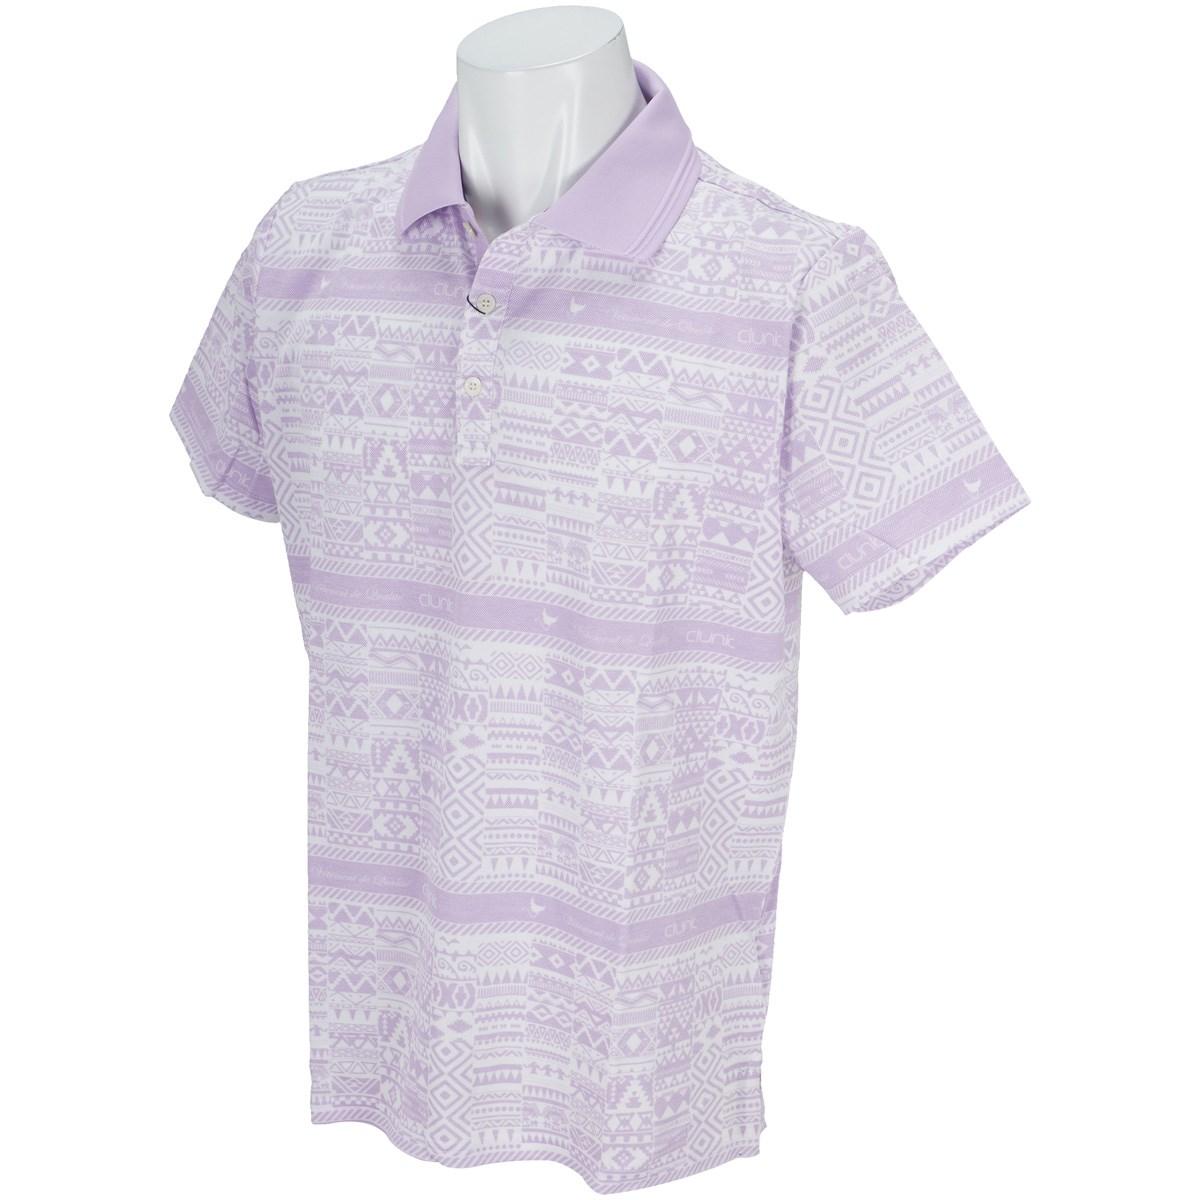 クランク(Clunk) マヤボーダー半袖ポロシャツ